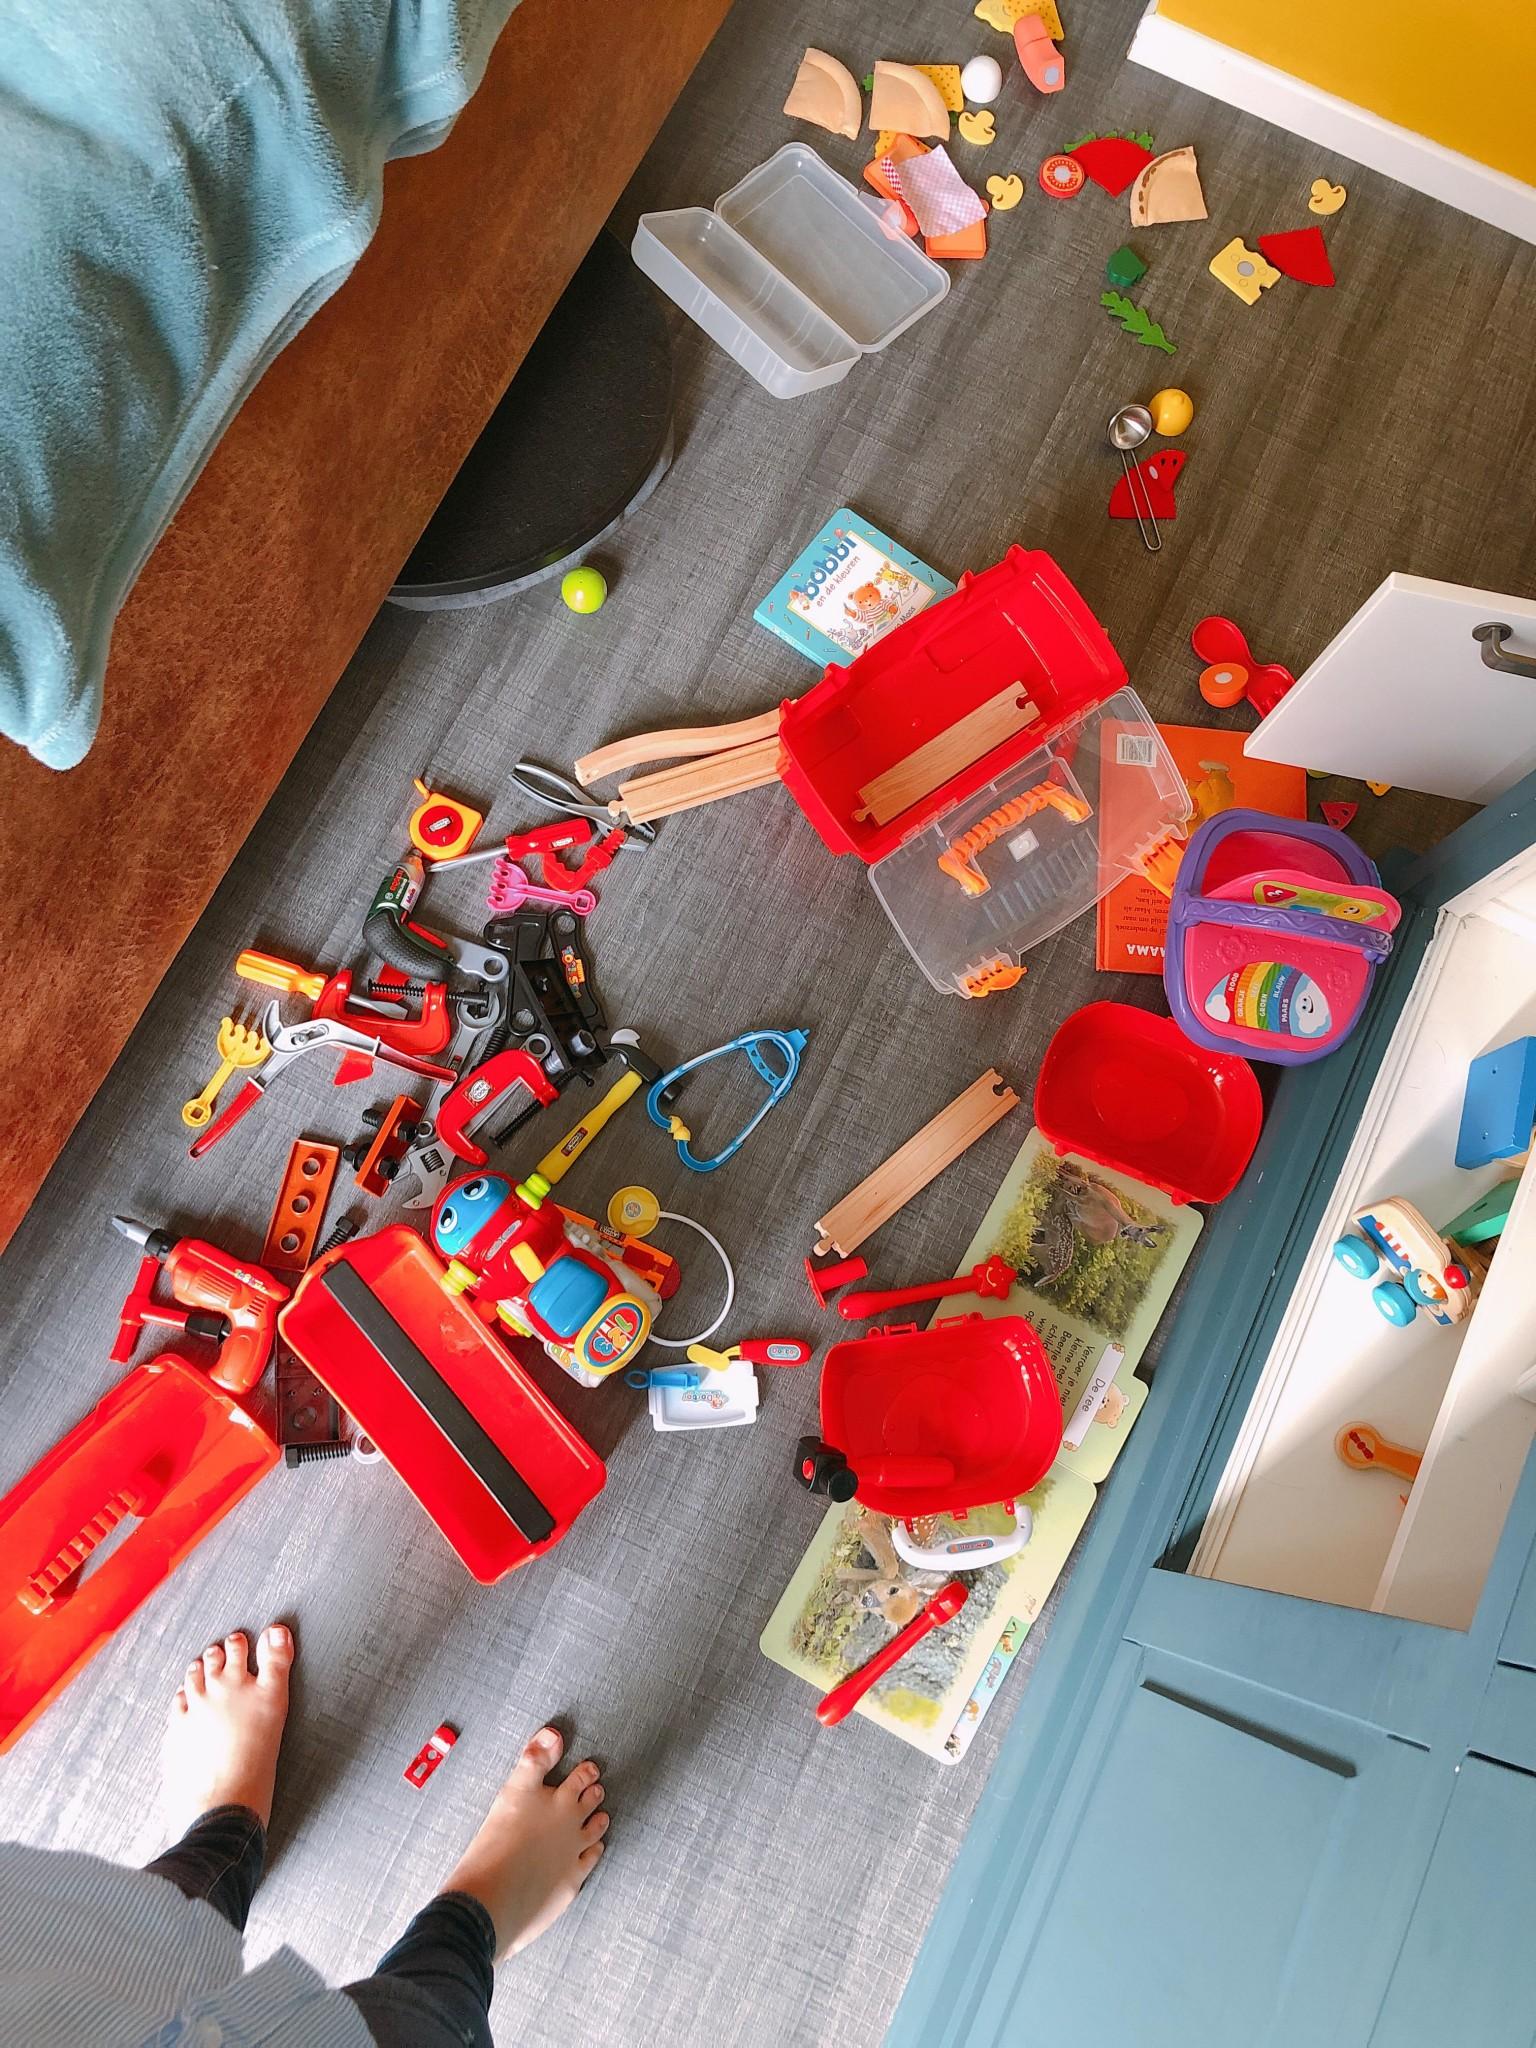 Elise's Weekly Pictorama - De kinderen uit logeren!